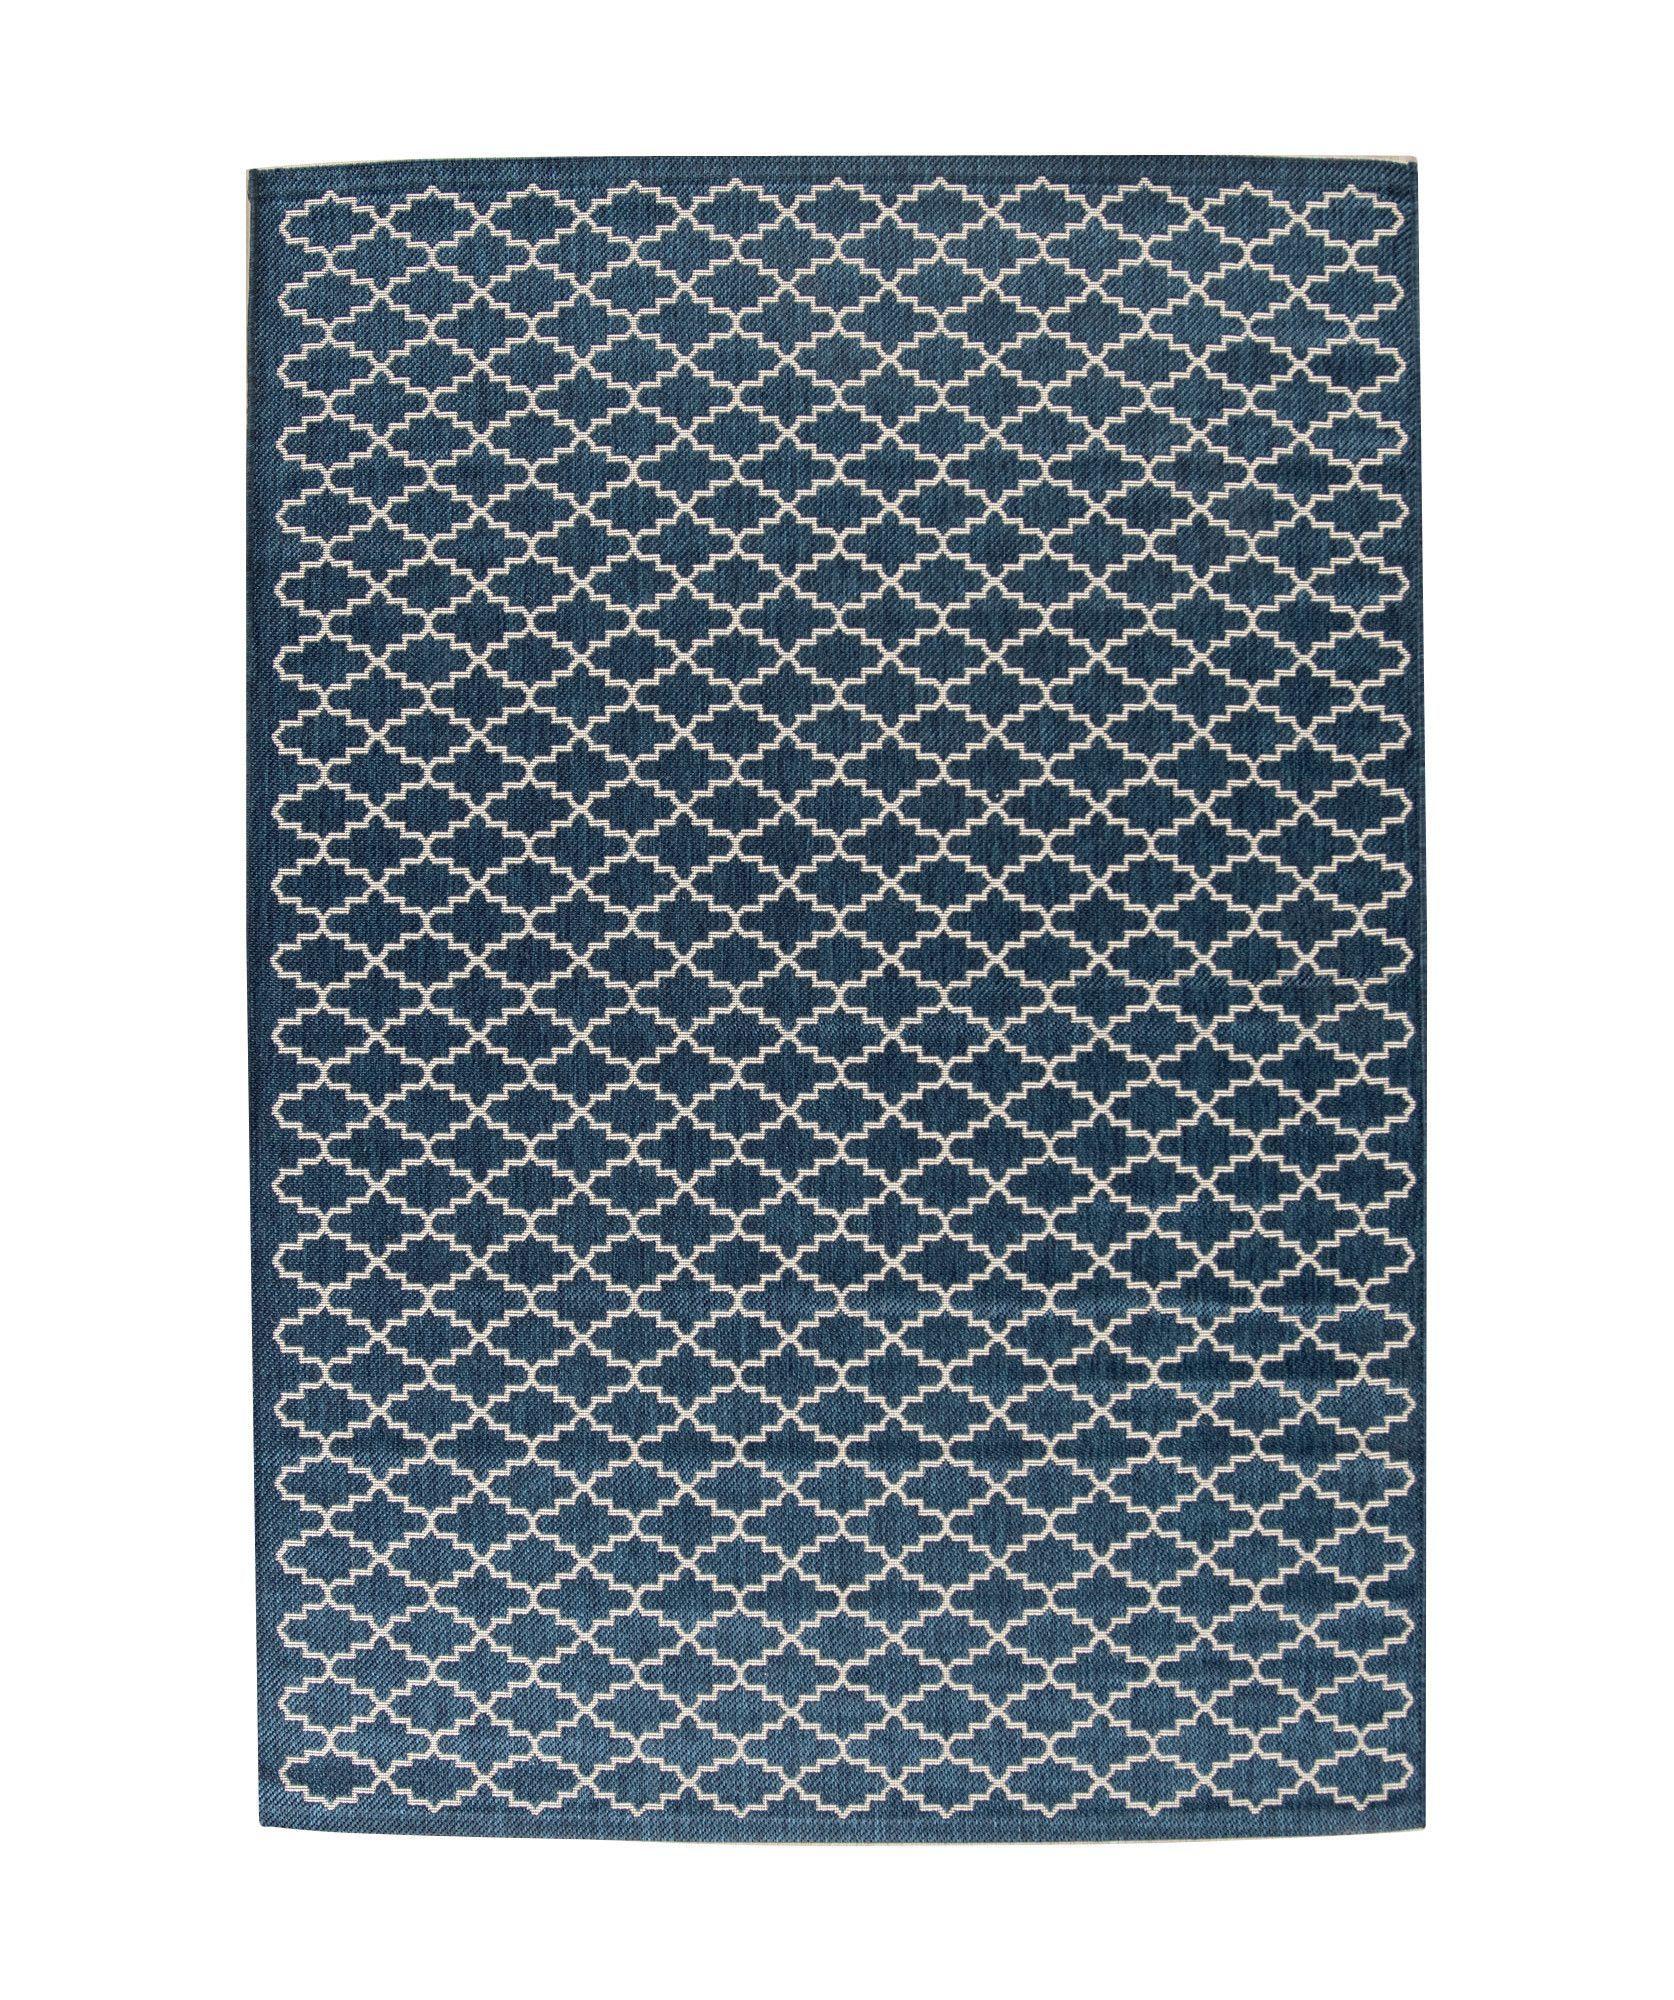 Phelps Navy/Beige Indoor/Outdoor Area Rug